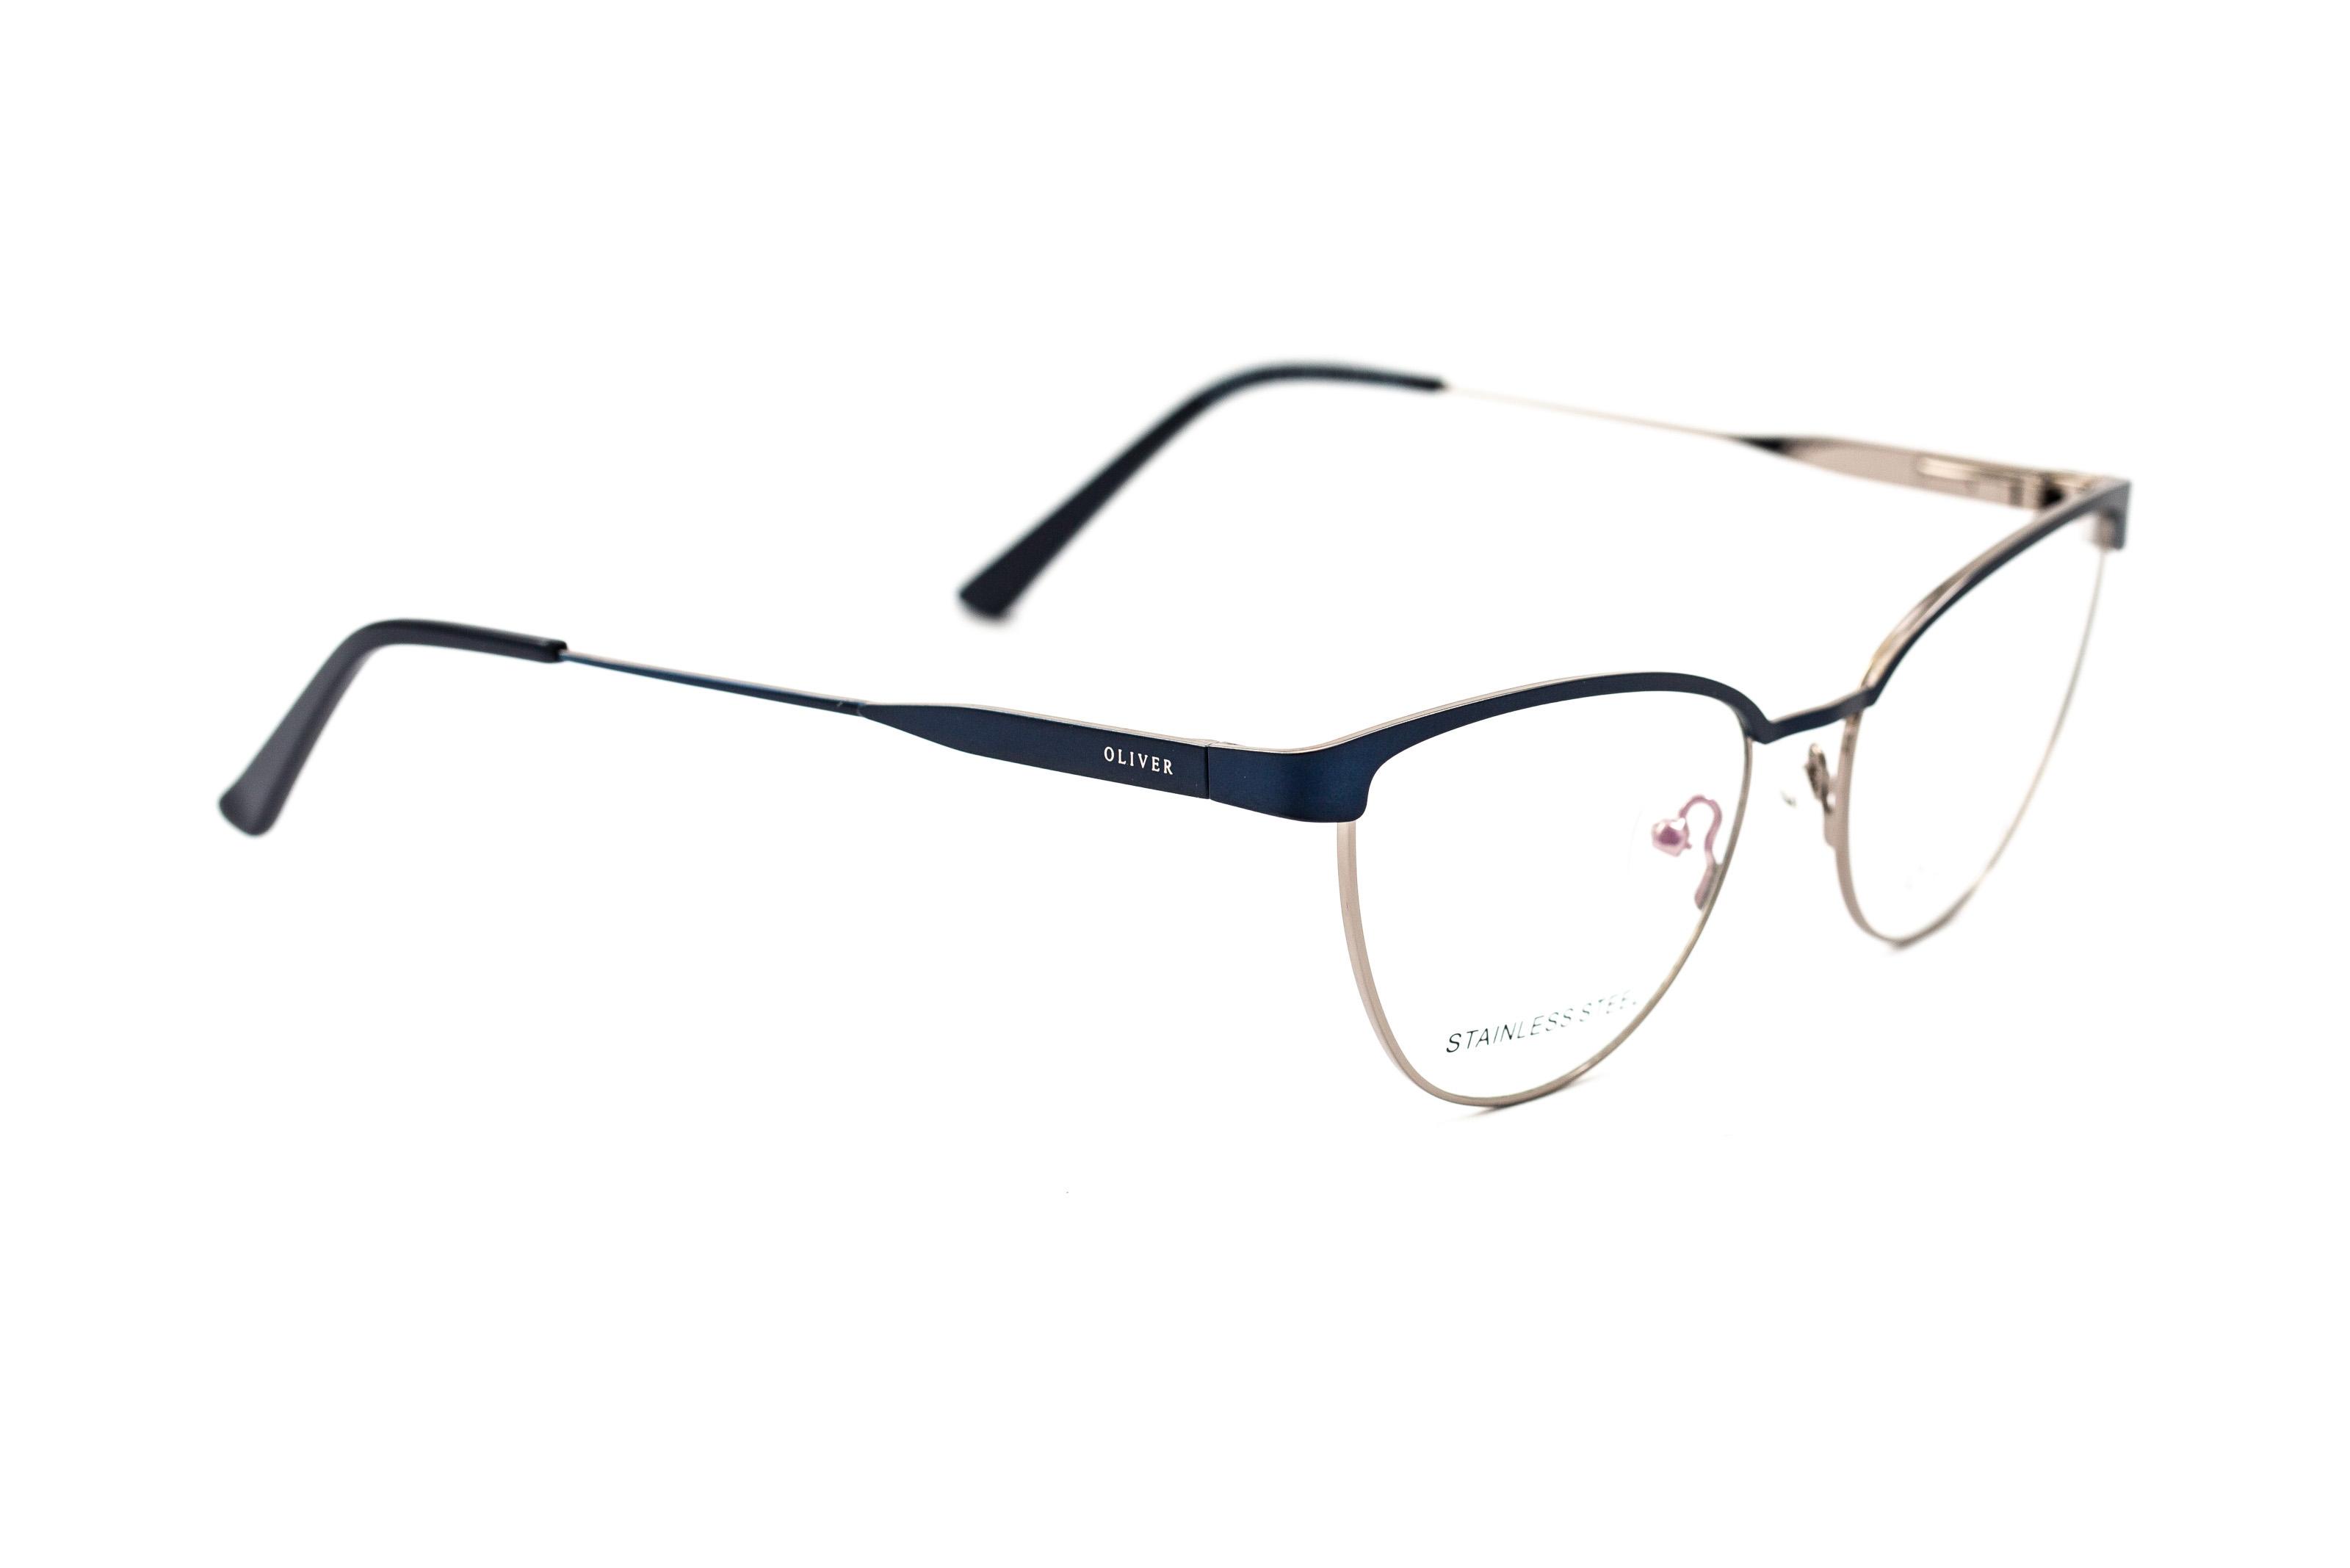 Rama de ochelari Oliver MU68067C4